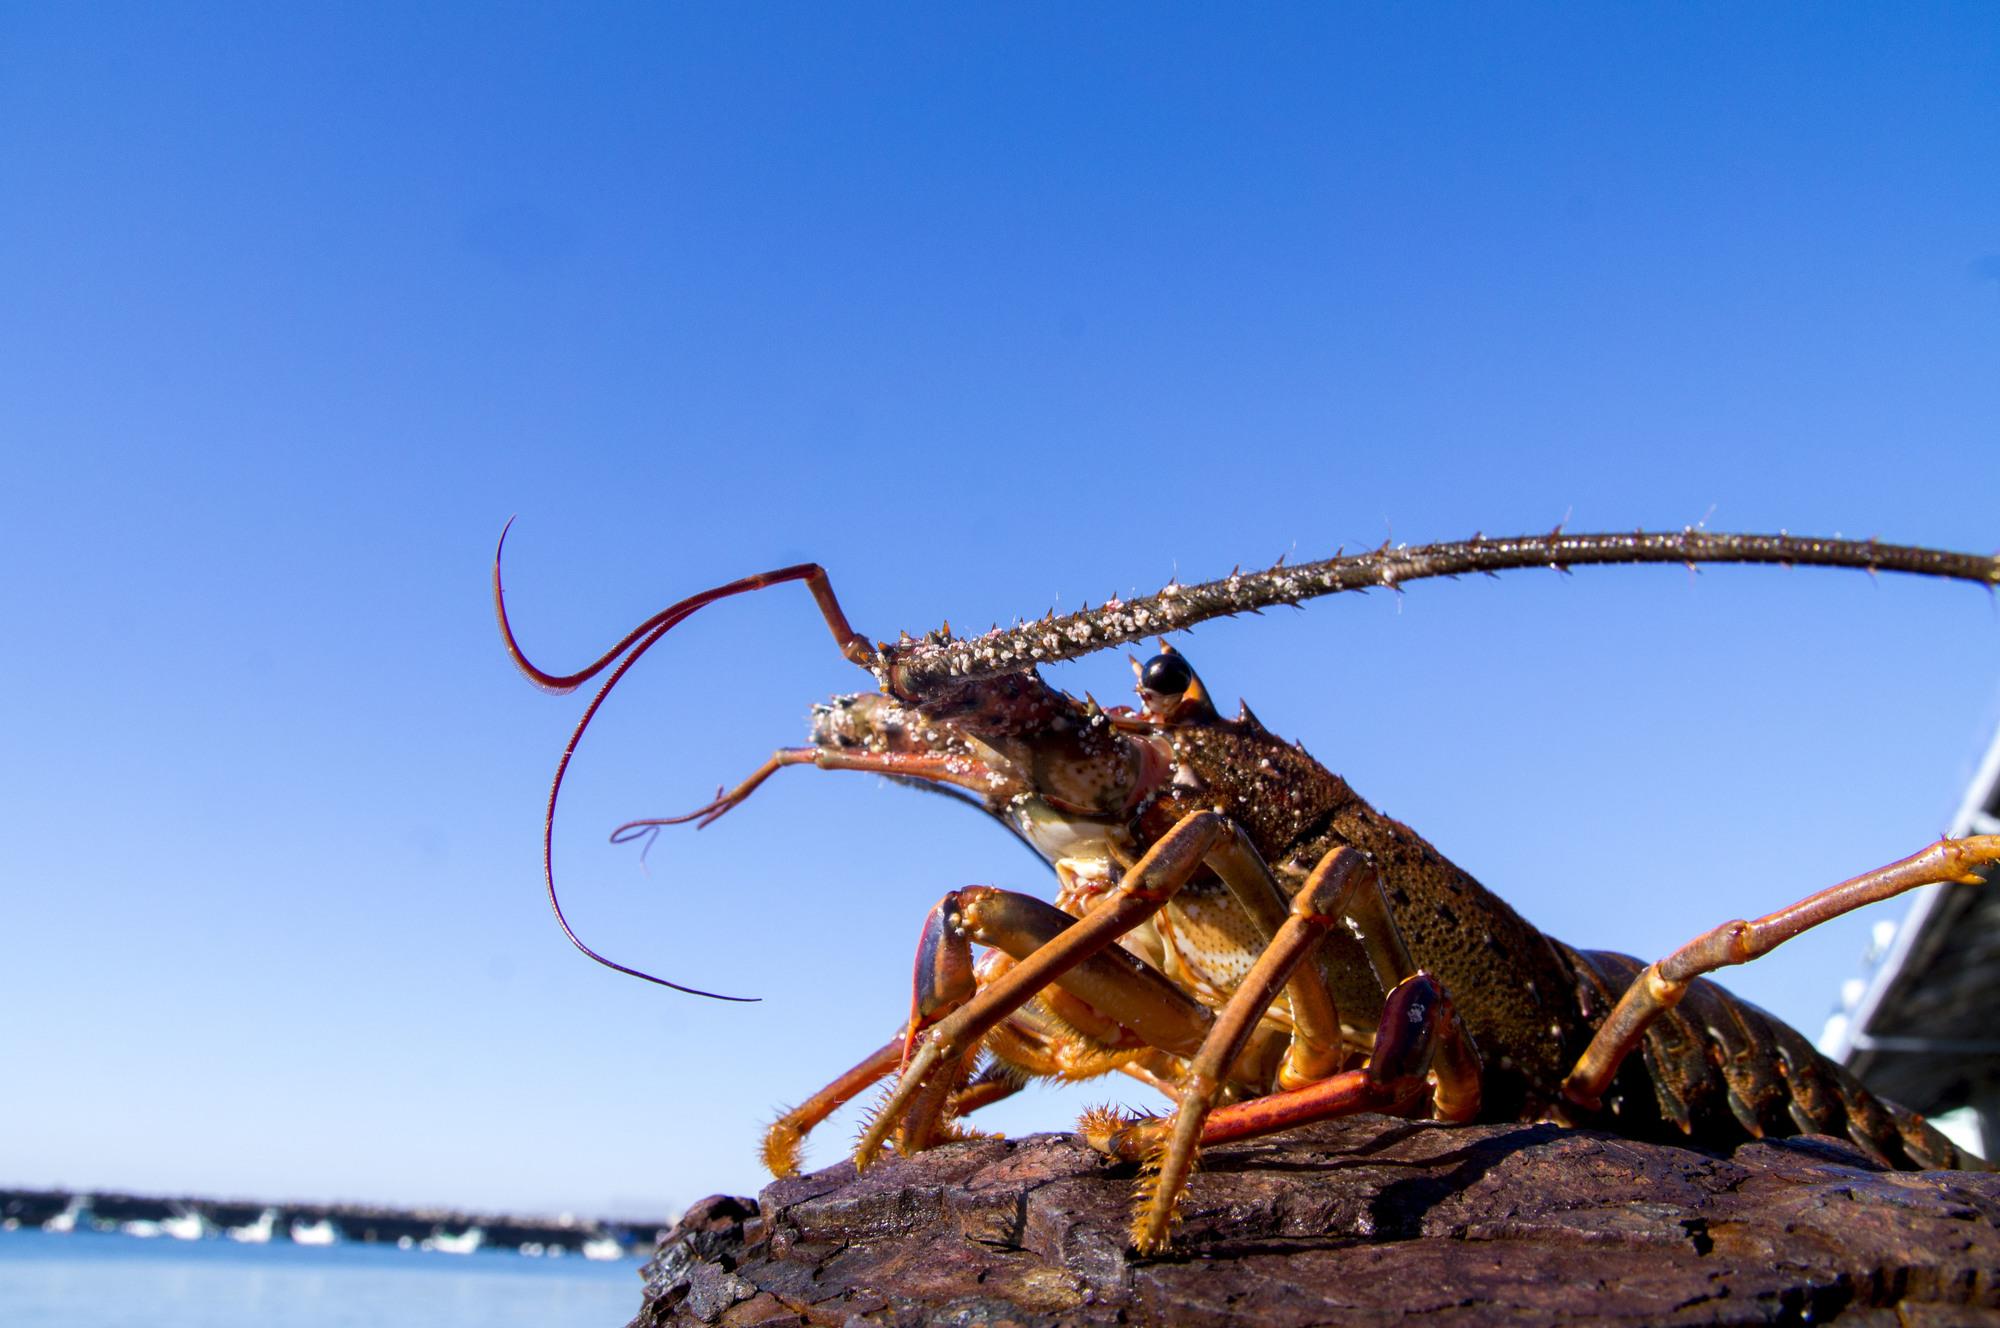 伊勢海老を釣る最適な餌は?伊勢海老釣りの餌をランキング形式で紹介